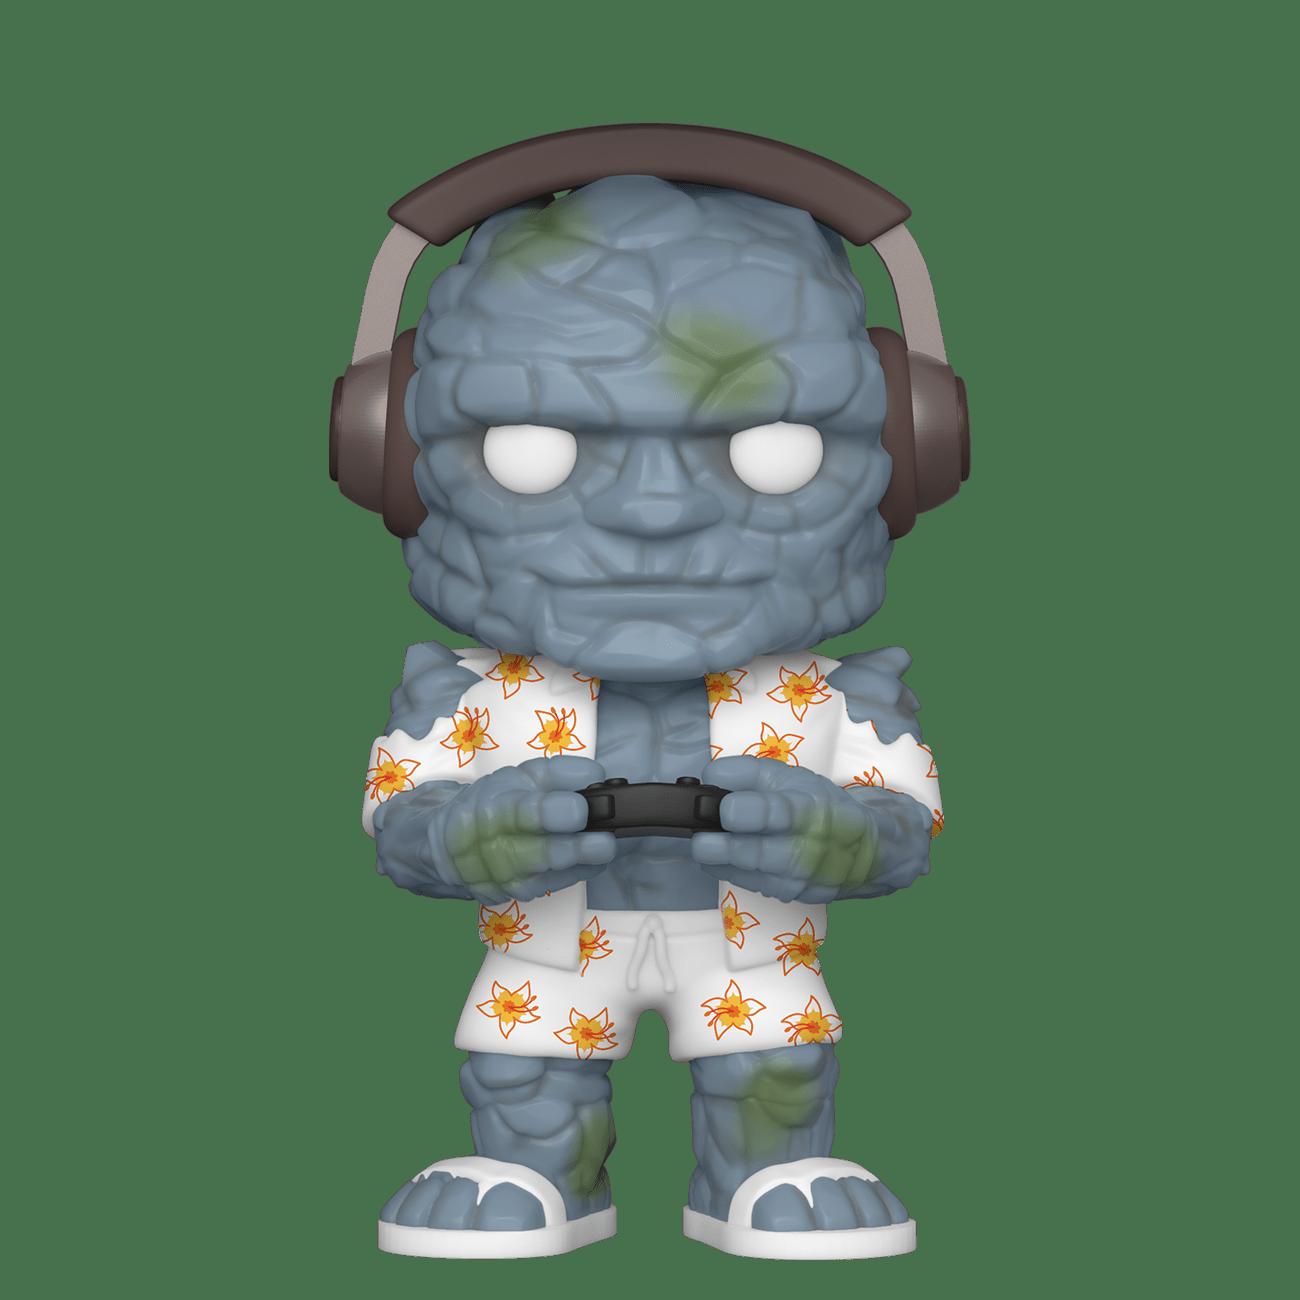 PRE-ORDER MarveL - Endgame Korg with Headhones Funko Pop! Figure